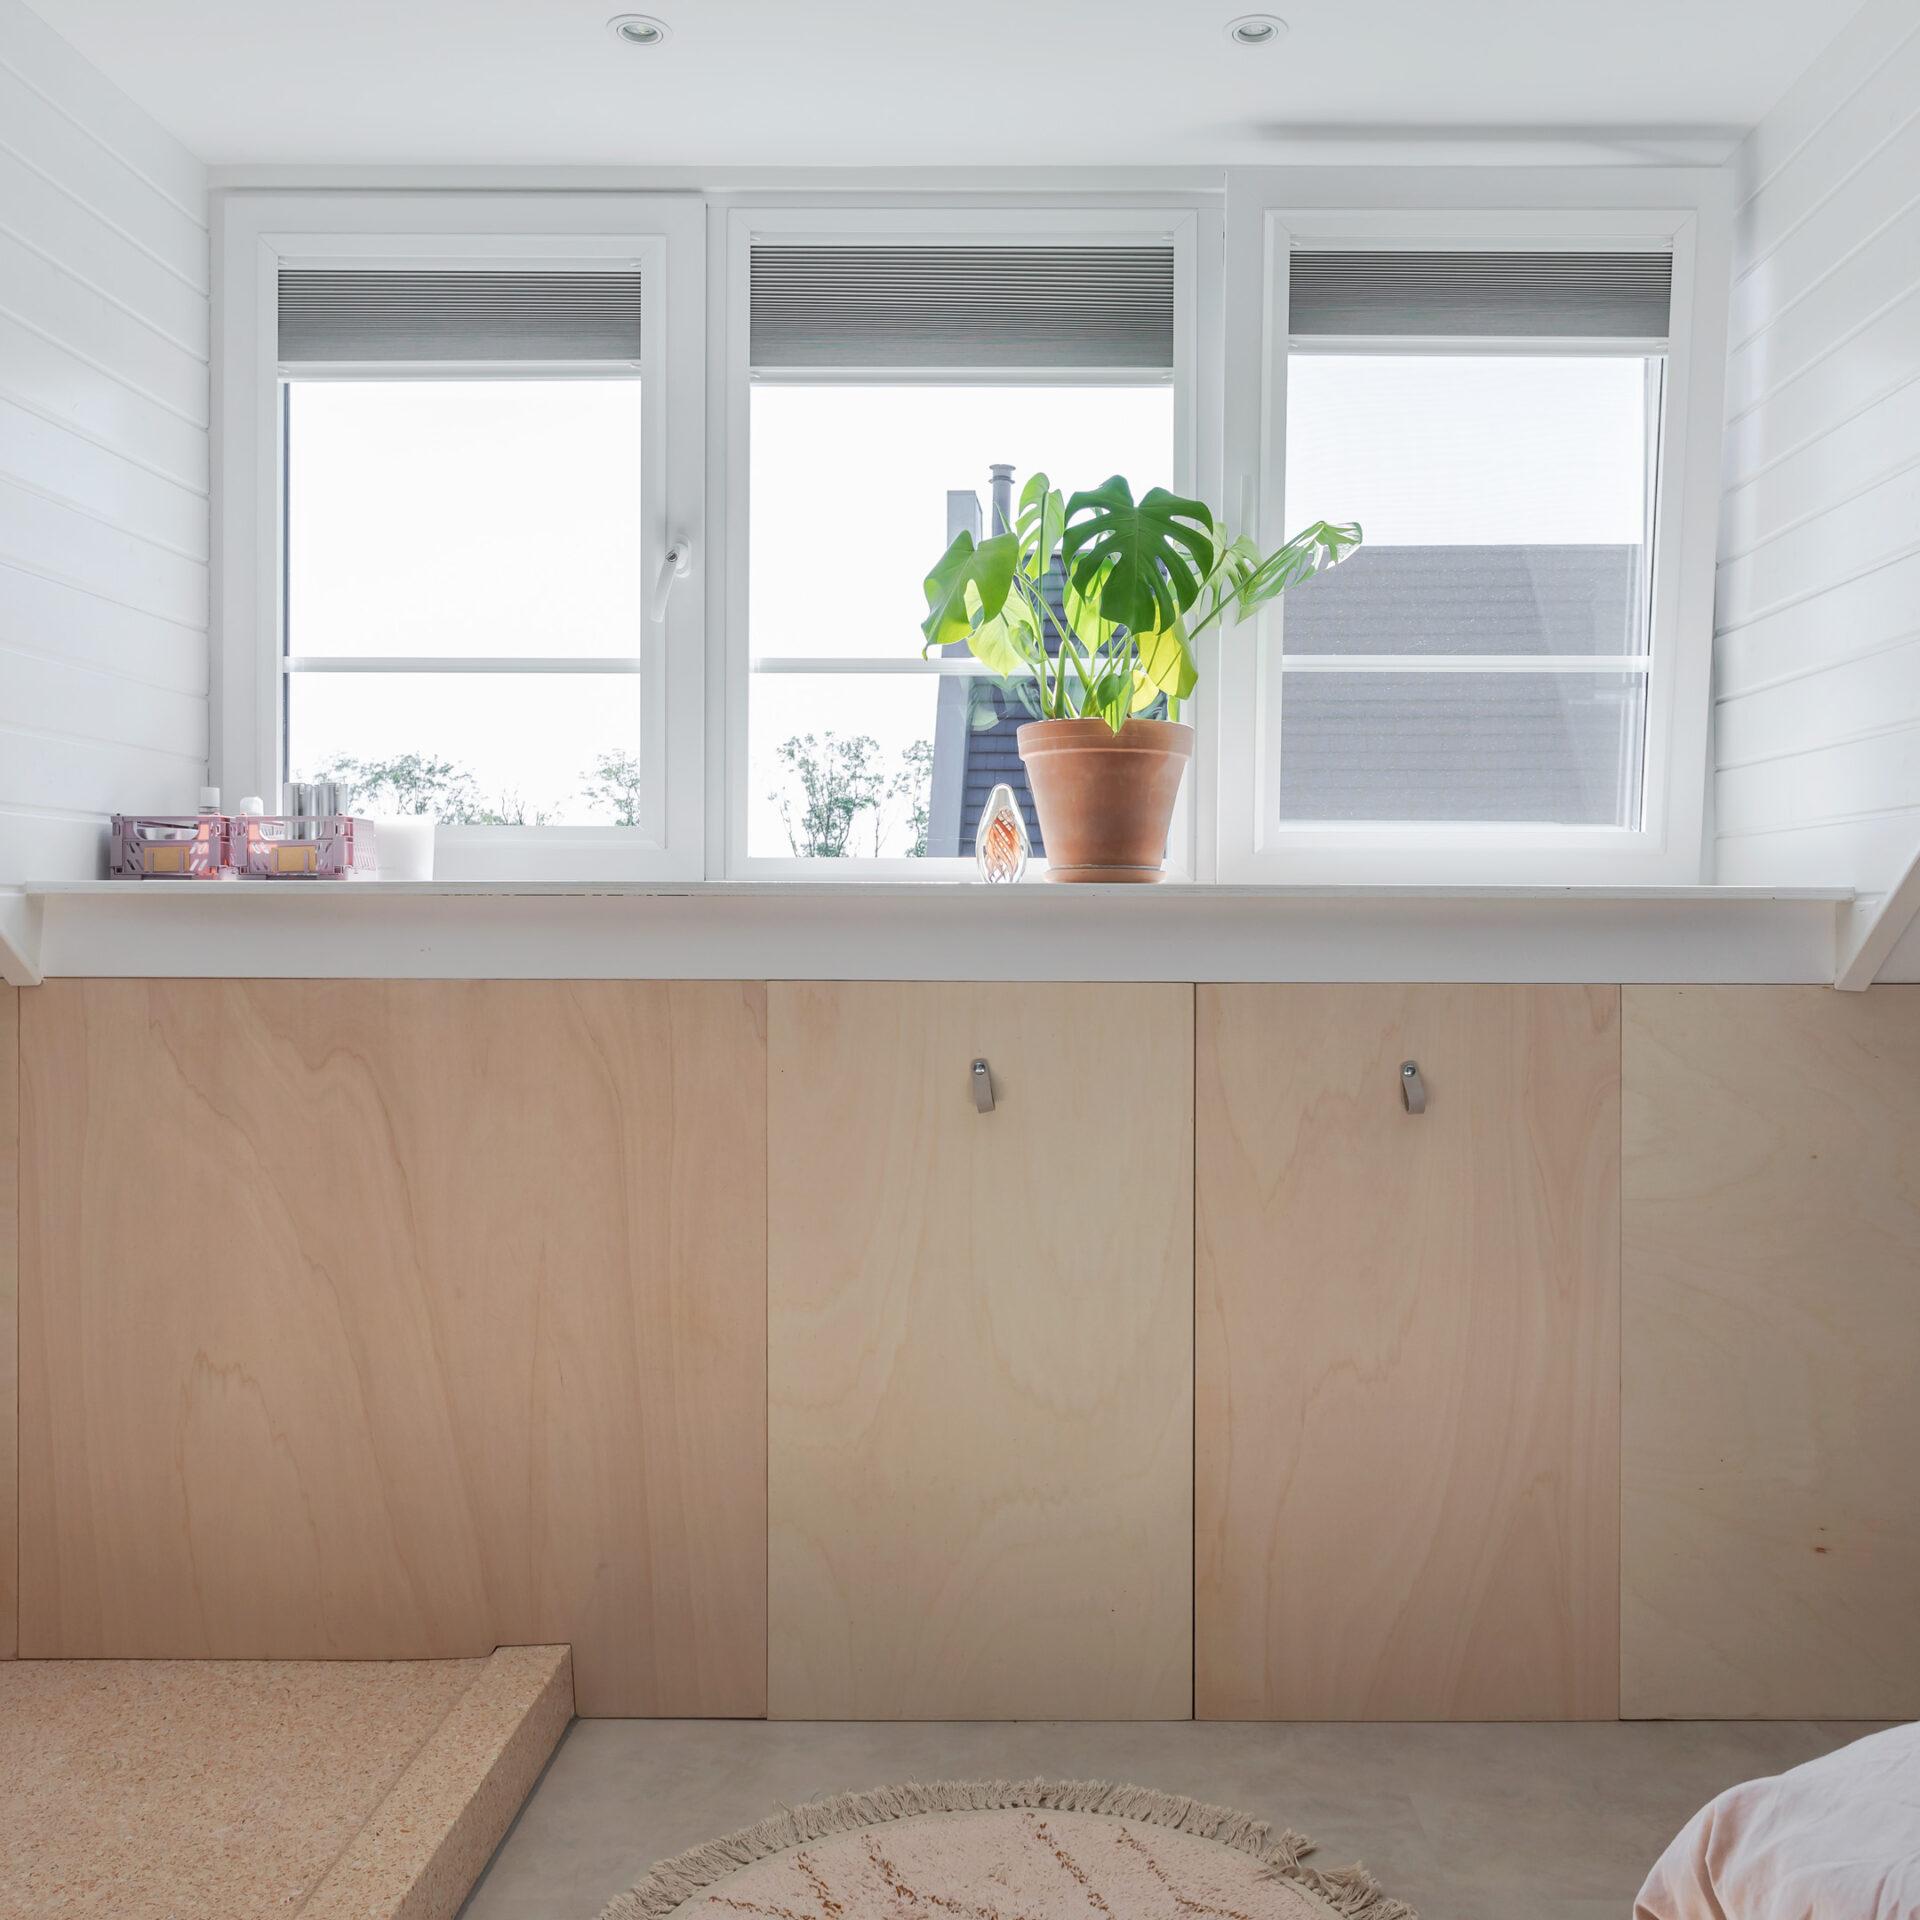 Select Windows Kunststof kozijnen - Onderhoudsarme dakkapel in Haarlemmermeer - kunststof ramen